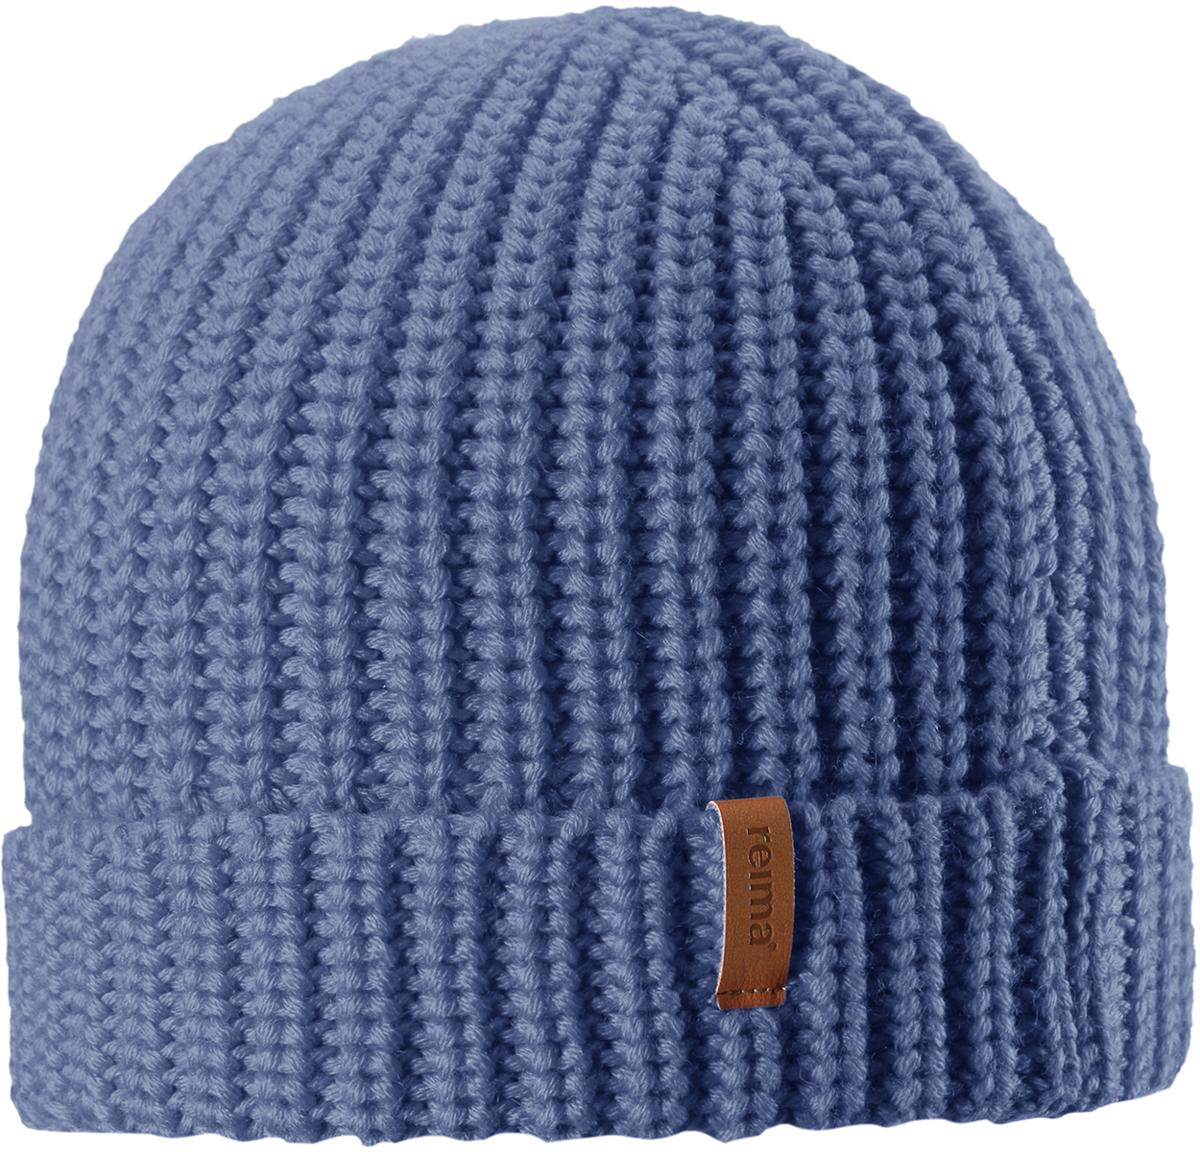 Шапка-бини детская Reima Vanttuu, цвет: синий. 5285426740. Размер 505285426740Детская шапка Reima выполнена из теплого полушерстяного трикотажа. Шерсть - превосходный терморегулятор. Облегченная модель без подкладки. Оригинальный структурный узор дополняет образ.